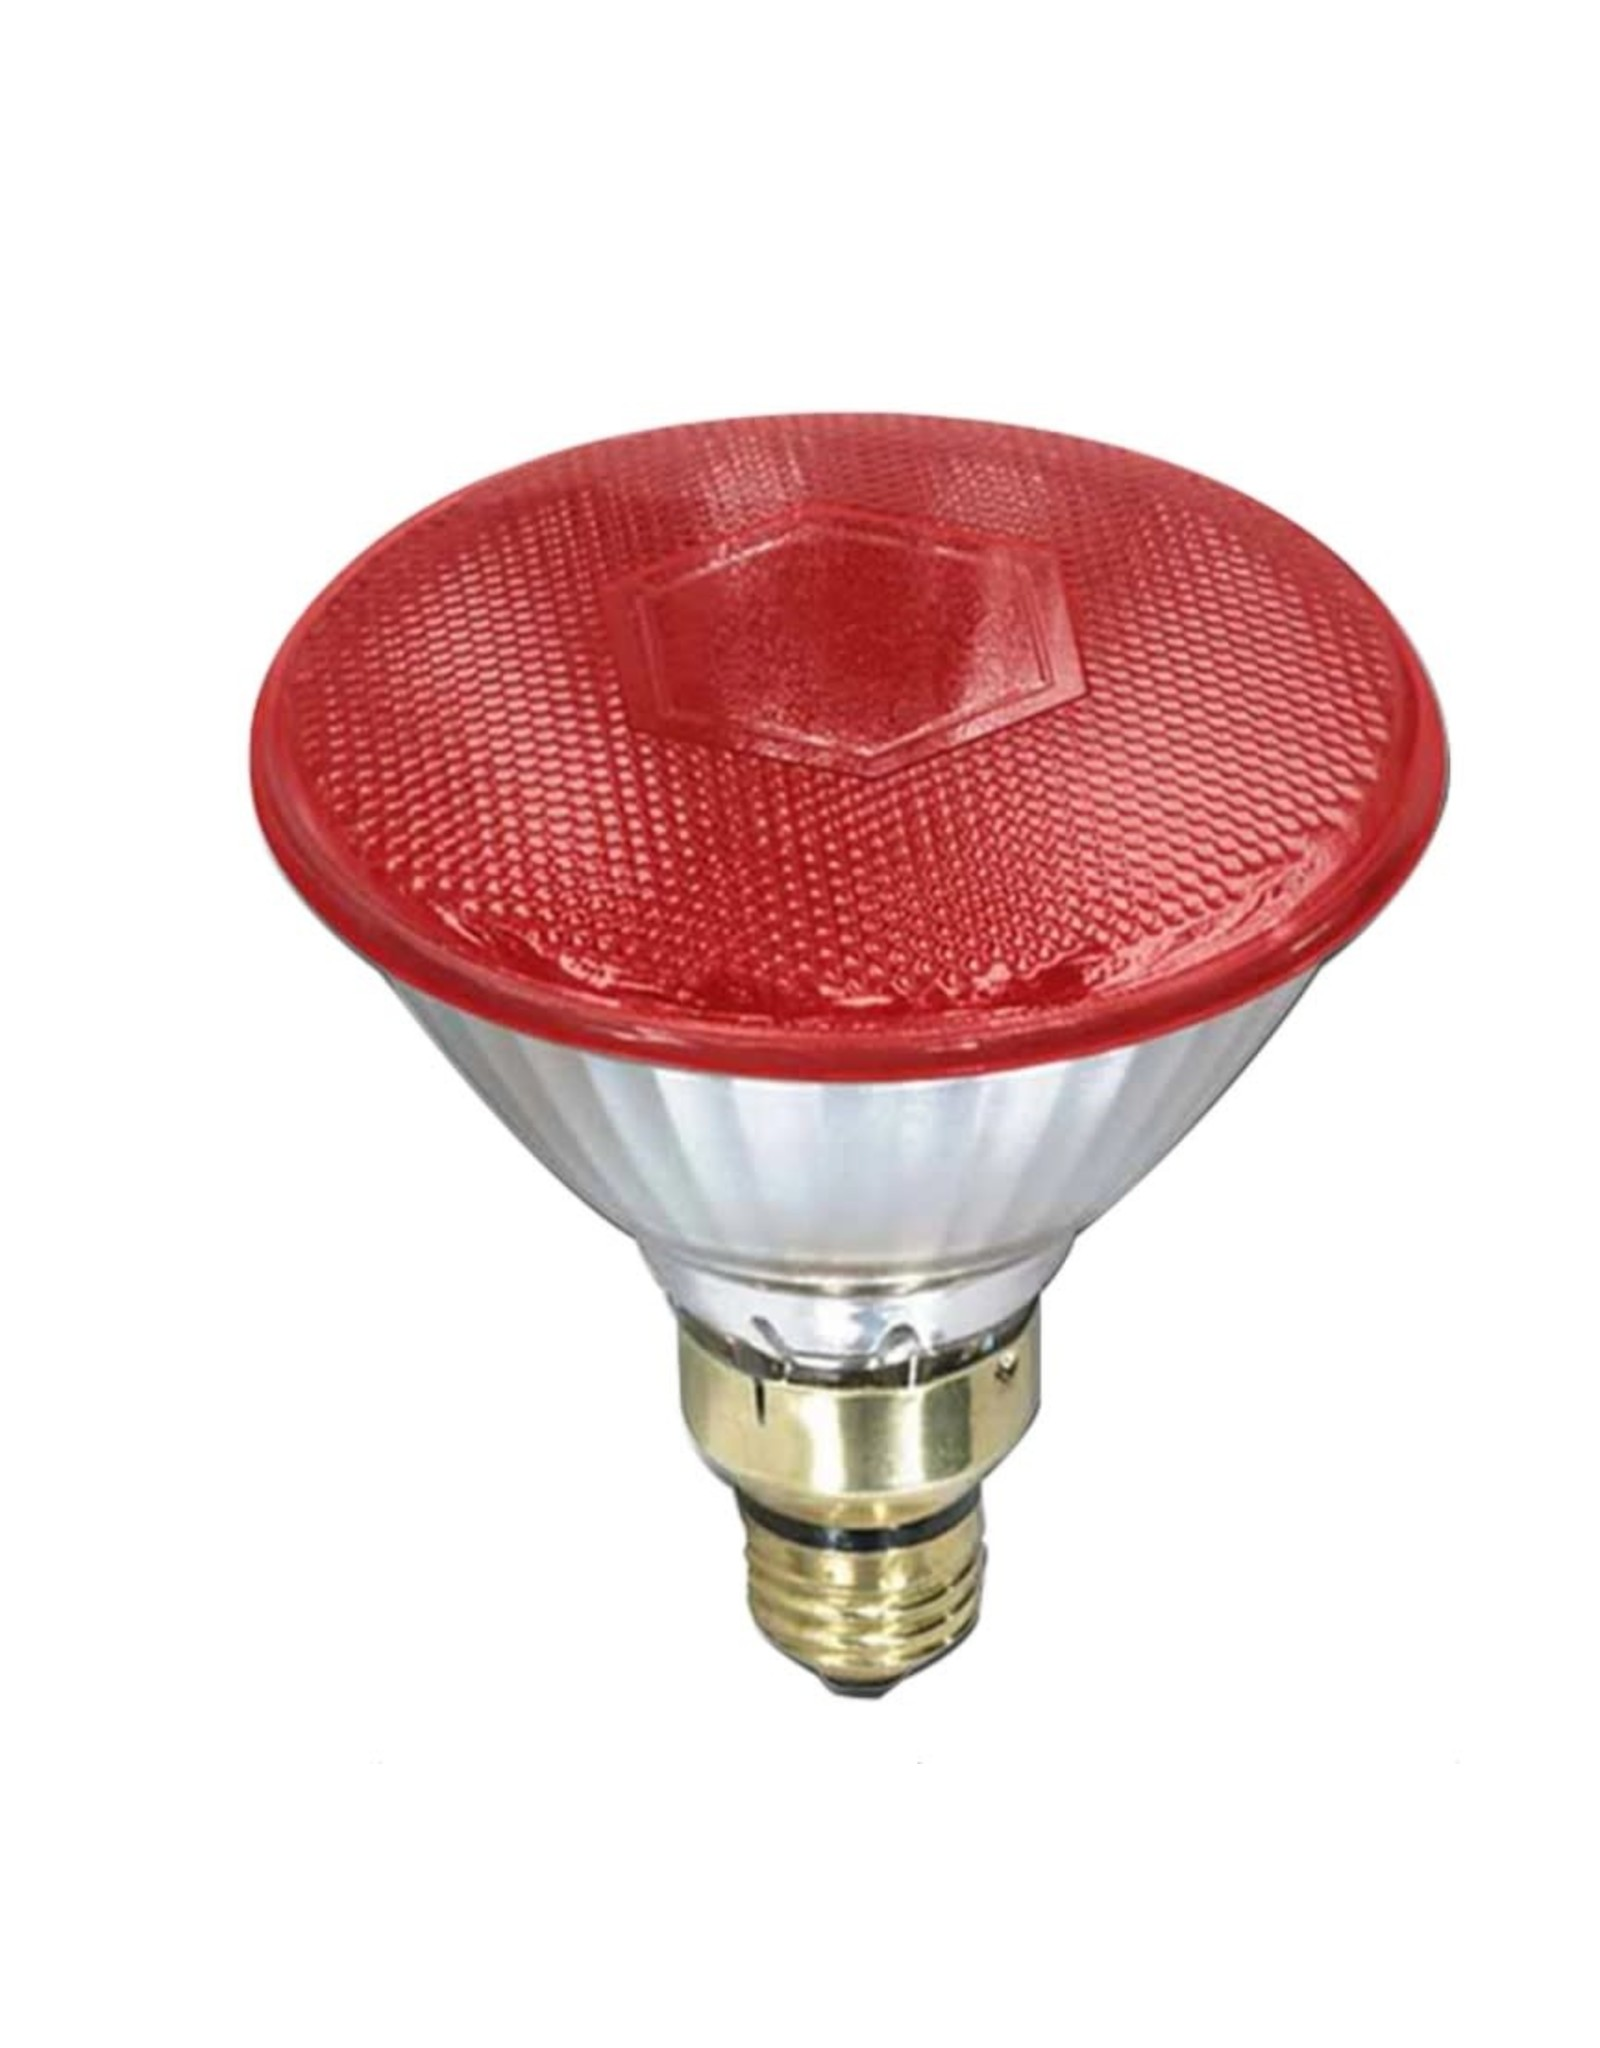 Canarm Canarm Par38 150W Heat Lamp Bulb